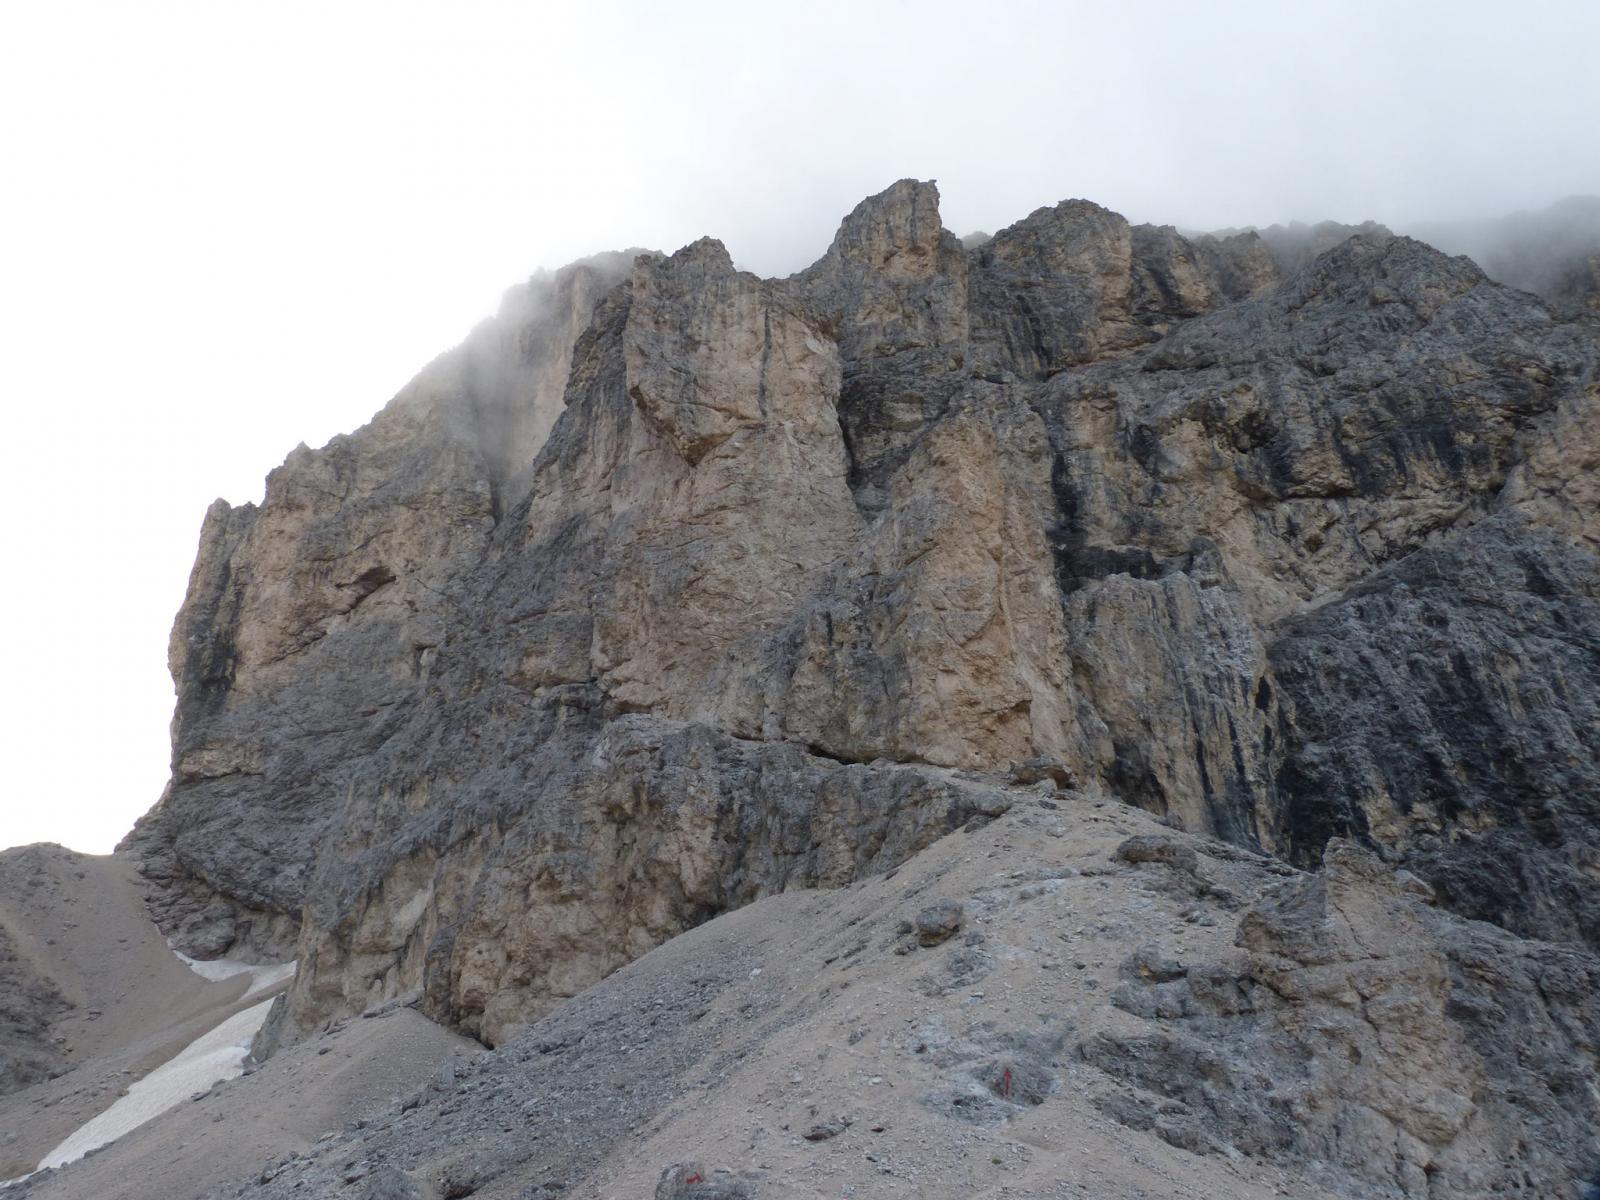 Catinaccio d'Antermoia traversata Ferrata Ovest e Est 2014-08-10